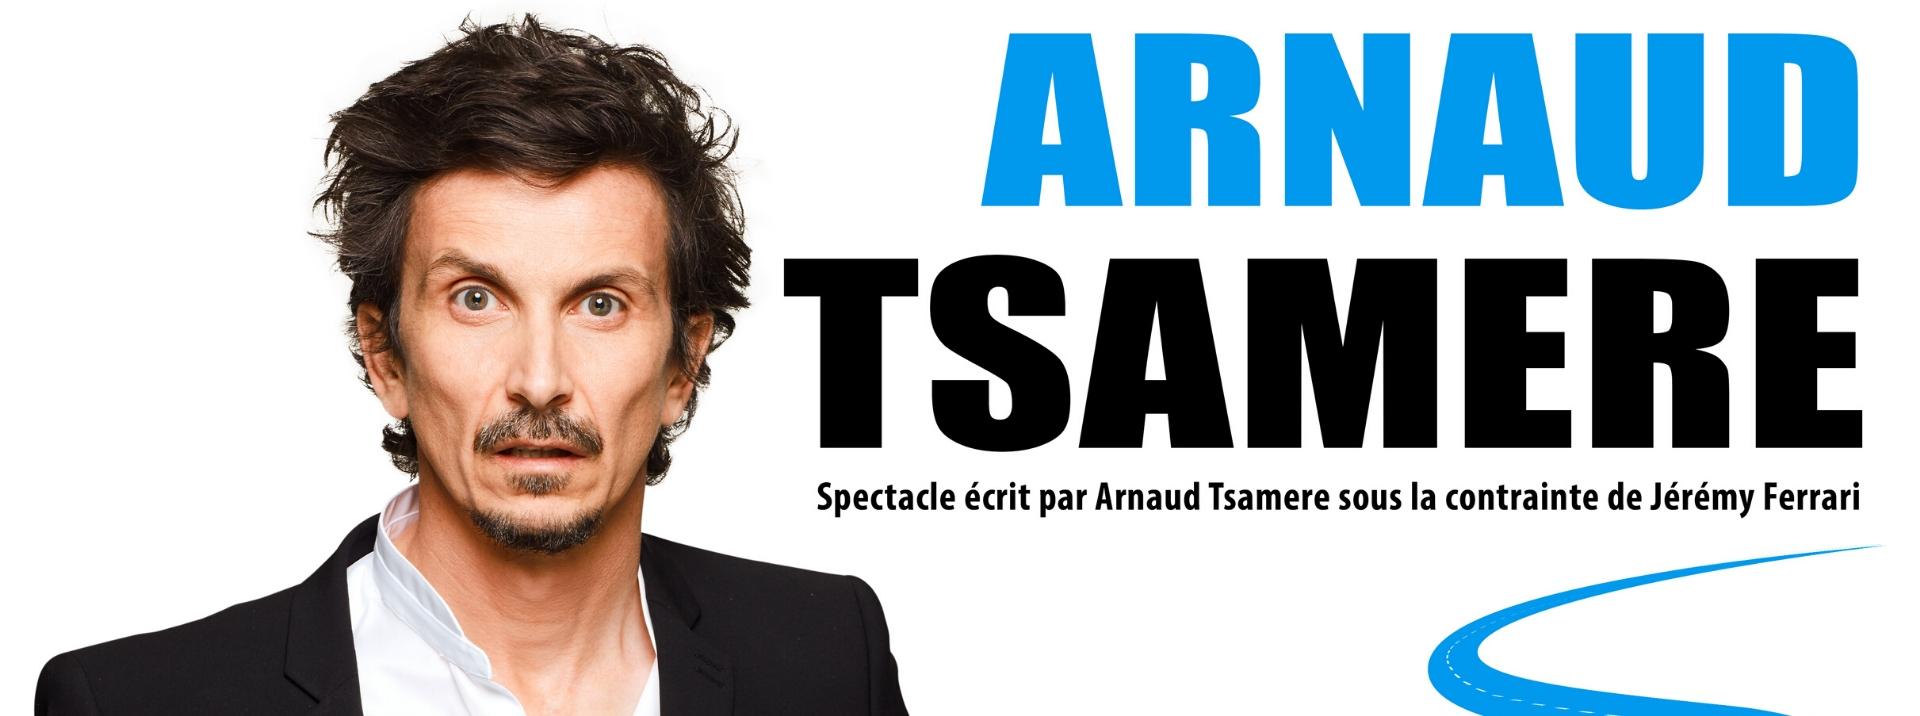 Le nouveau spectacle d'Arnaud Tsamère en collaboration artistique avec Jérémy ferrari à la compagnie du café théâtre de Nantes